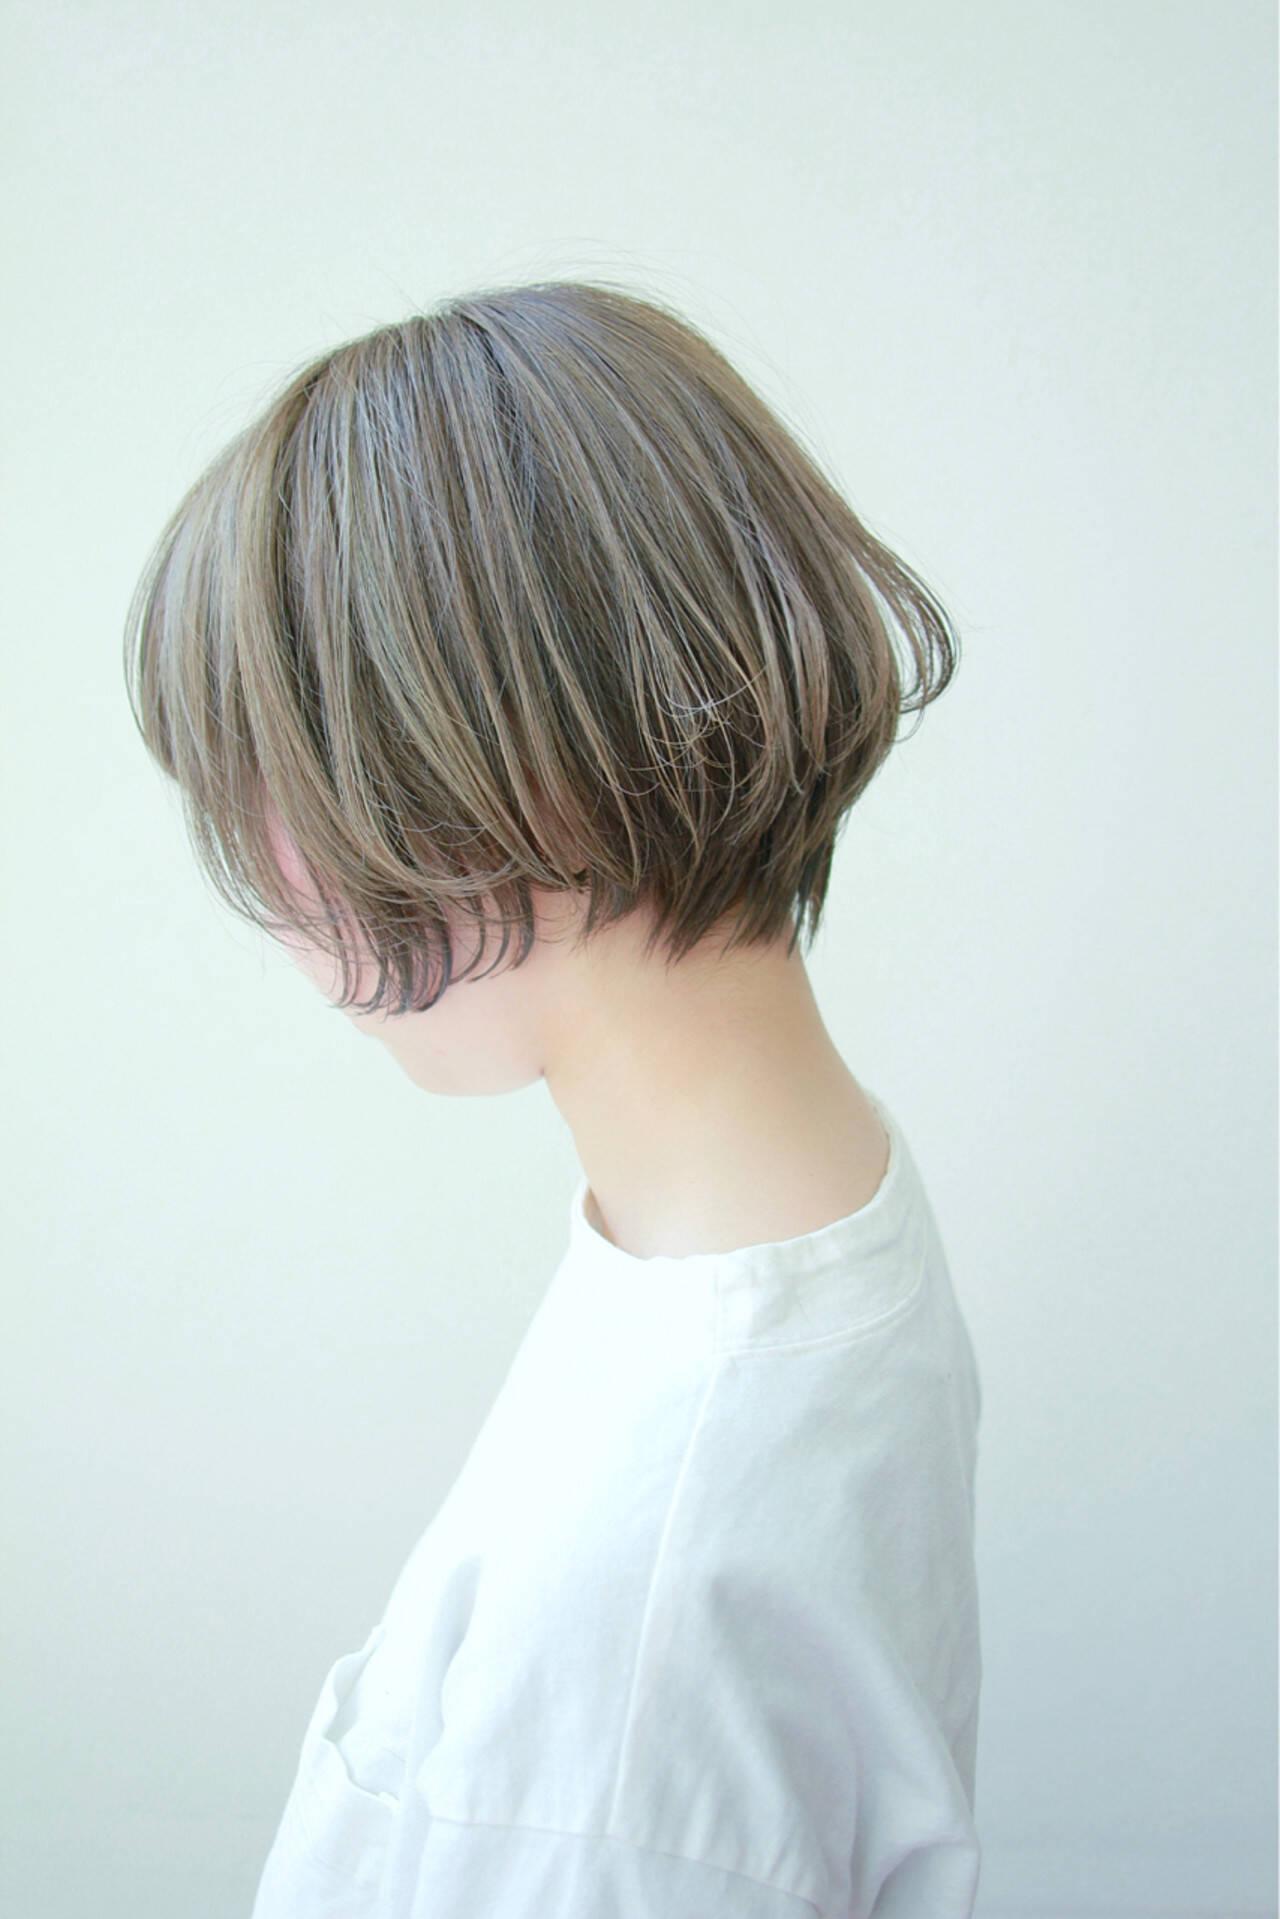 ラベンダーアッシュ ショートボブ ショート スポーツヘアスタイルや髪型の写真・画像